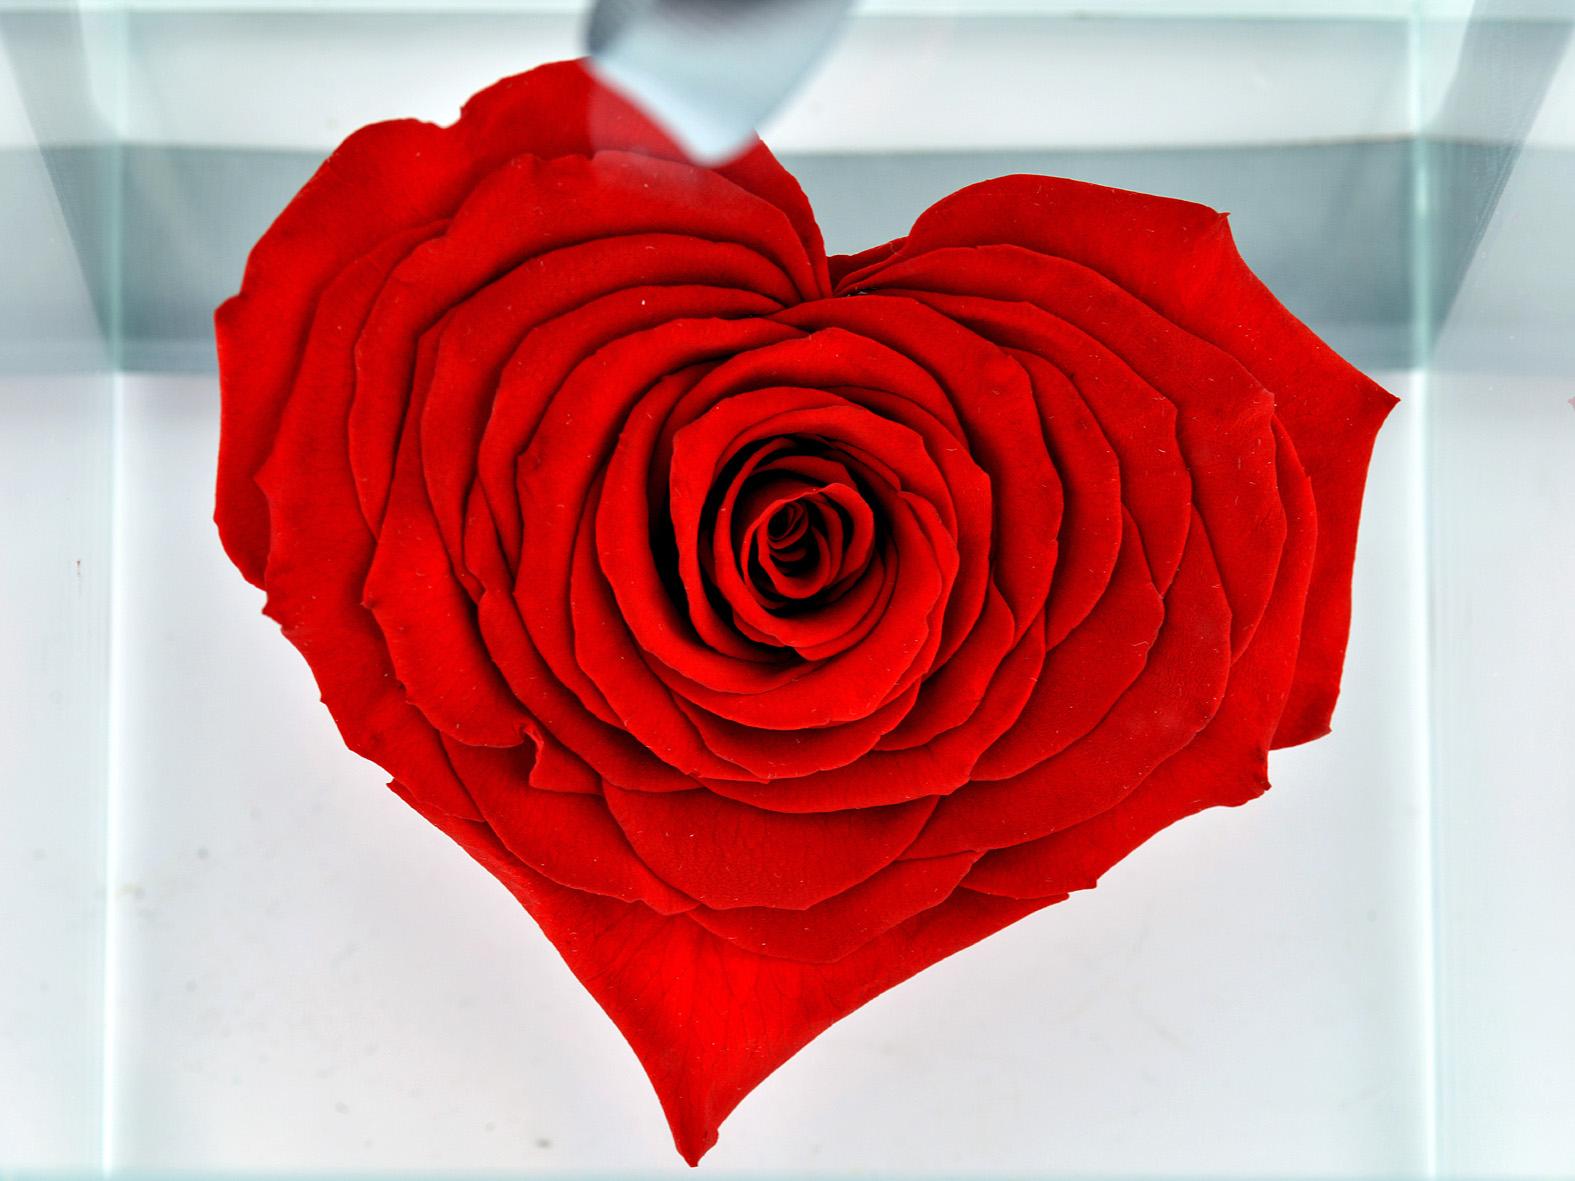 Harika Ötesi Kalpli Solmayan Gül Solmayan Güller  çiçek gönder